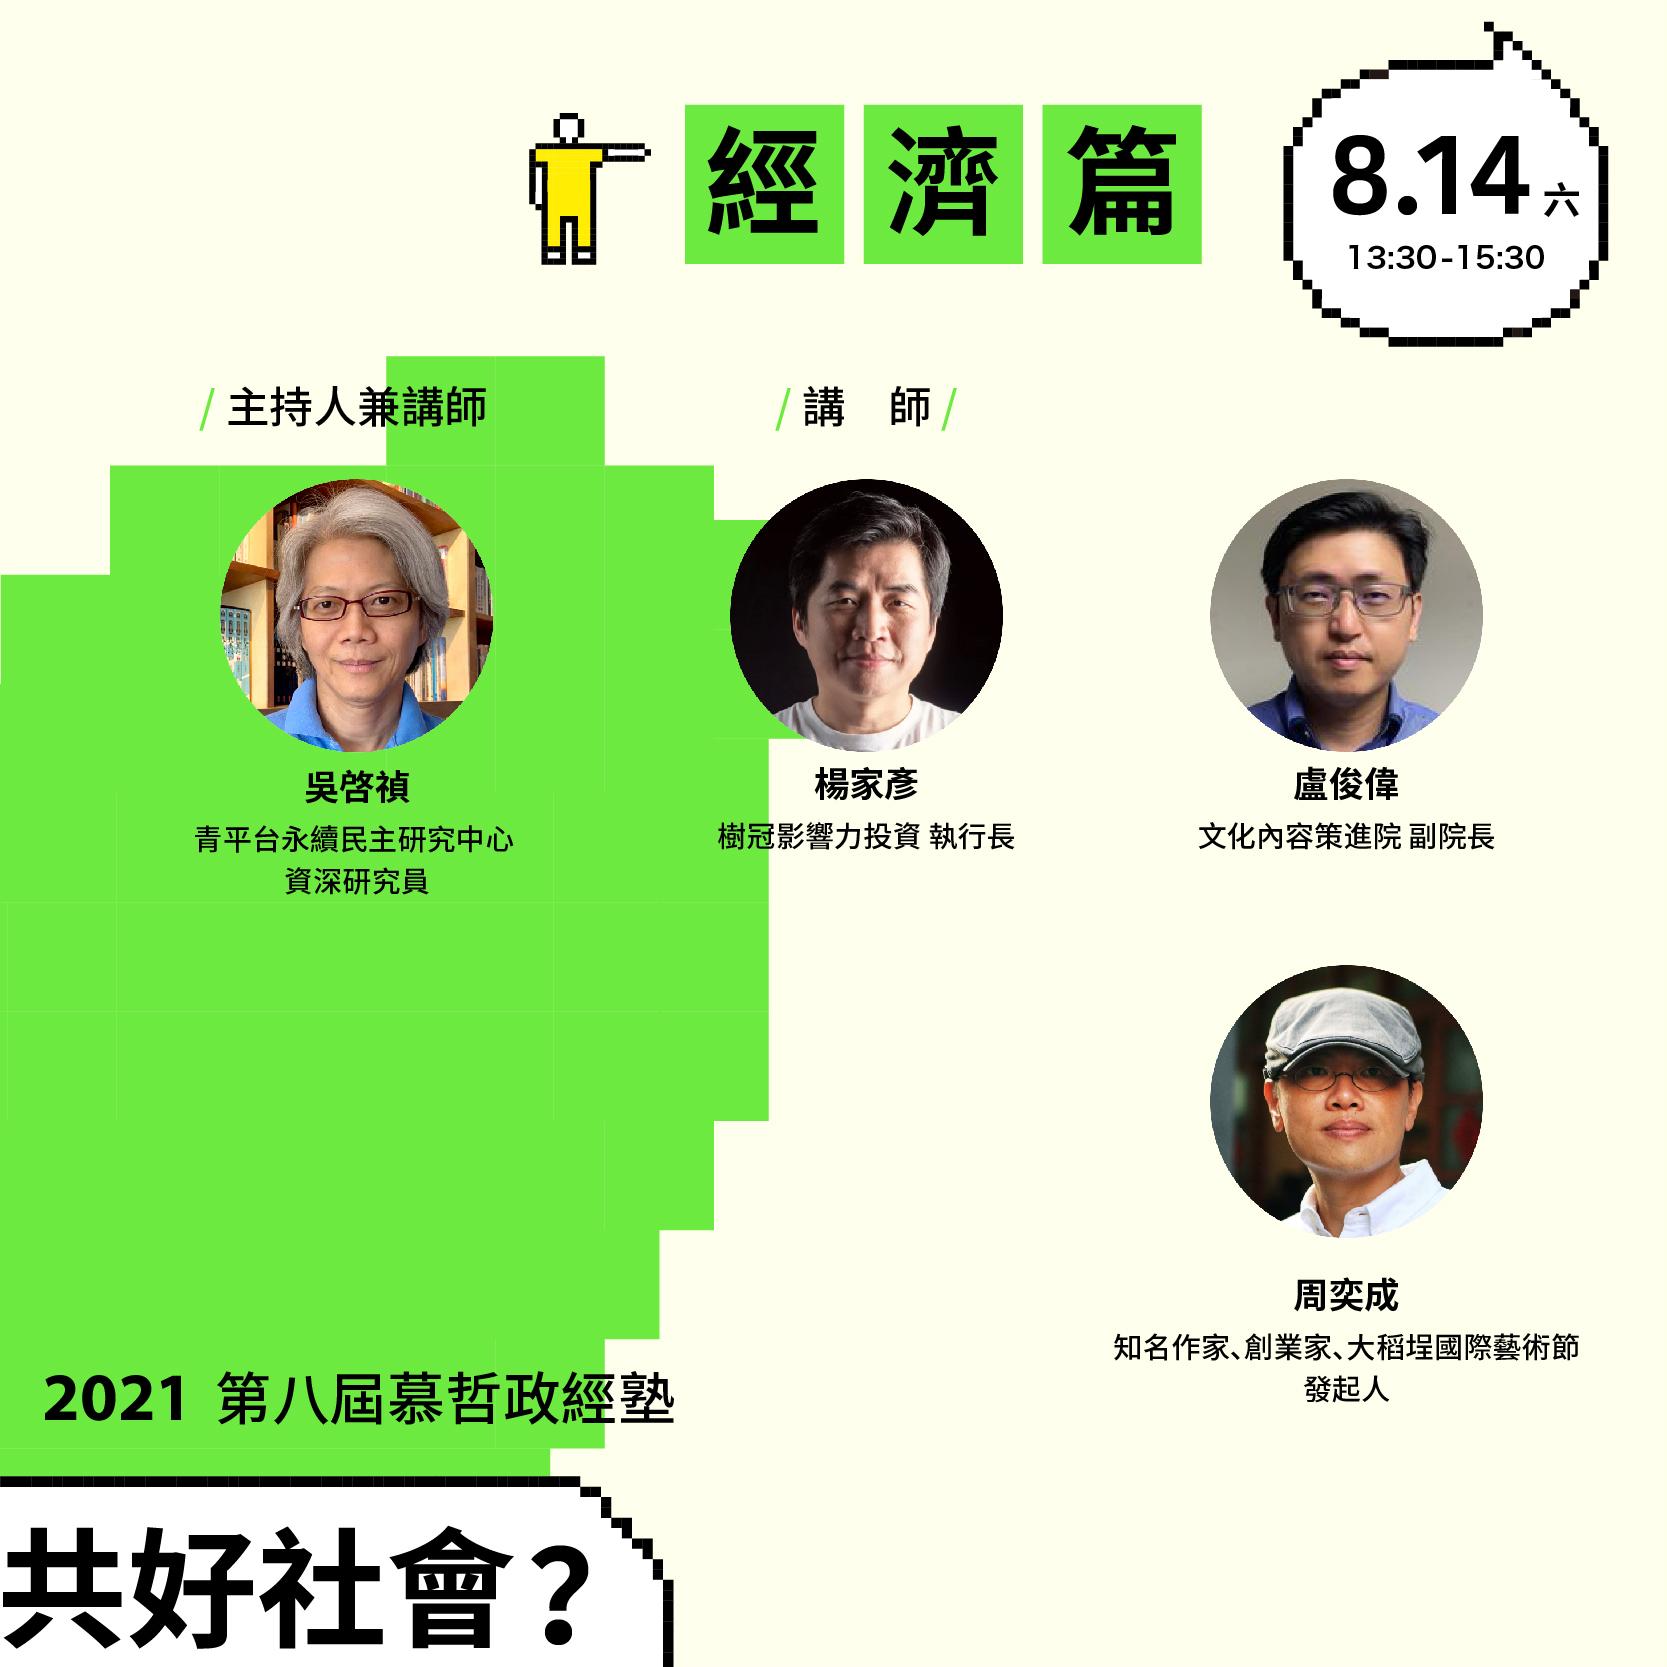 0714_2021慕哲政經塾_02.jpeg